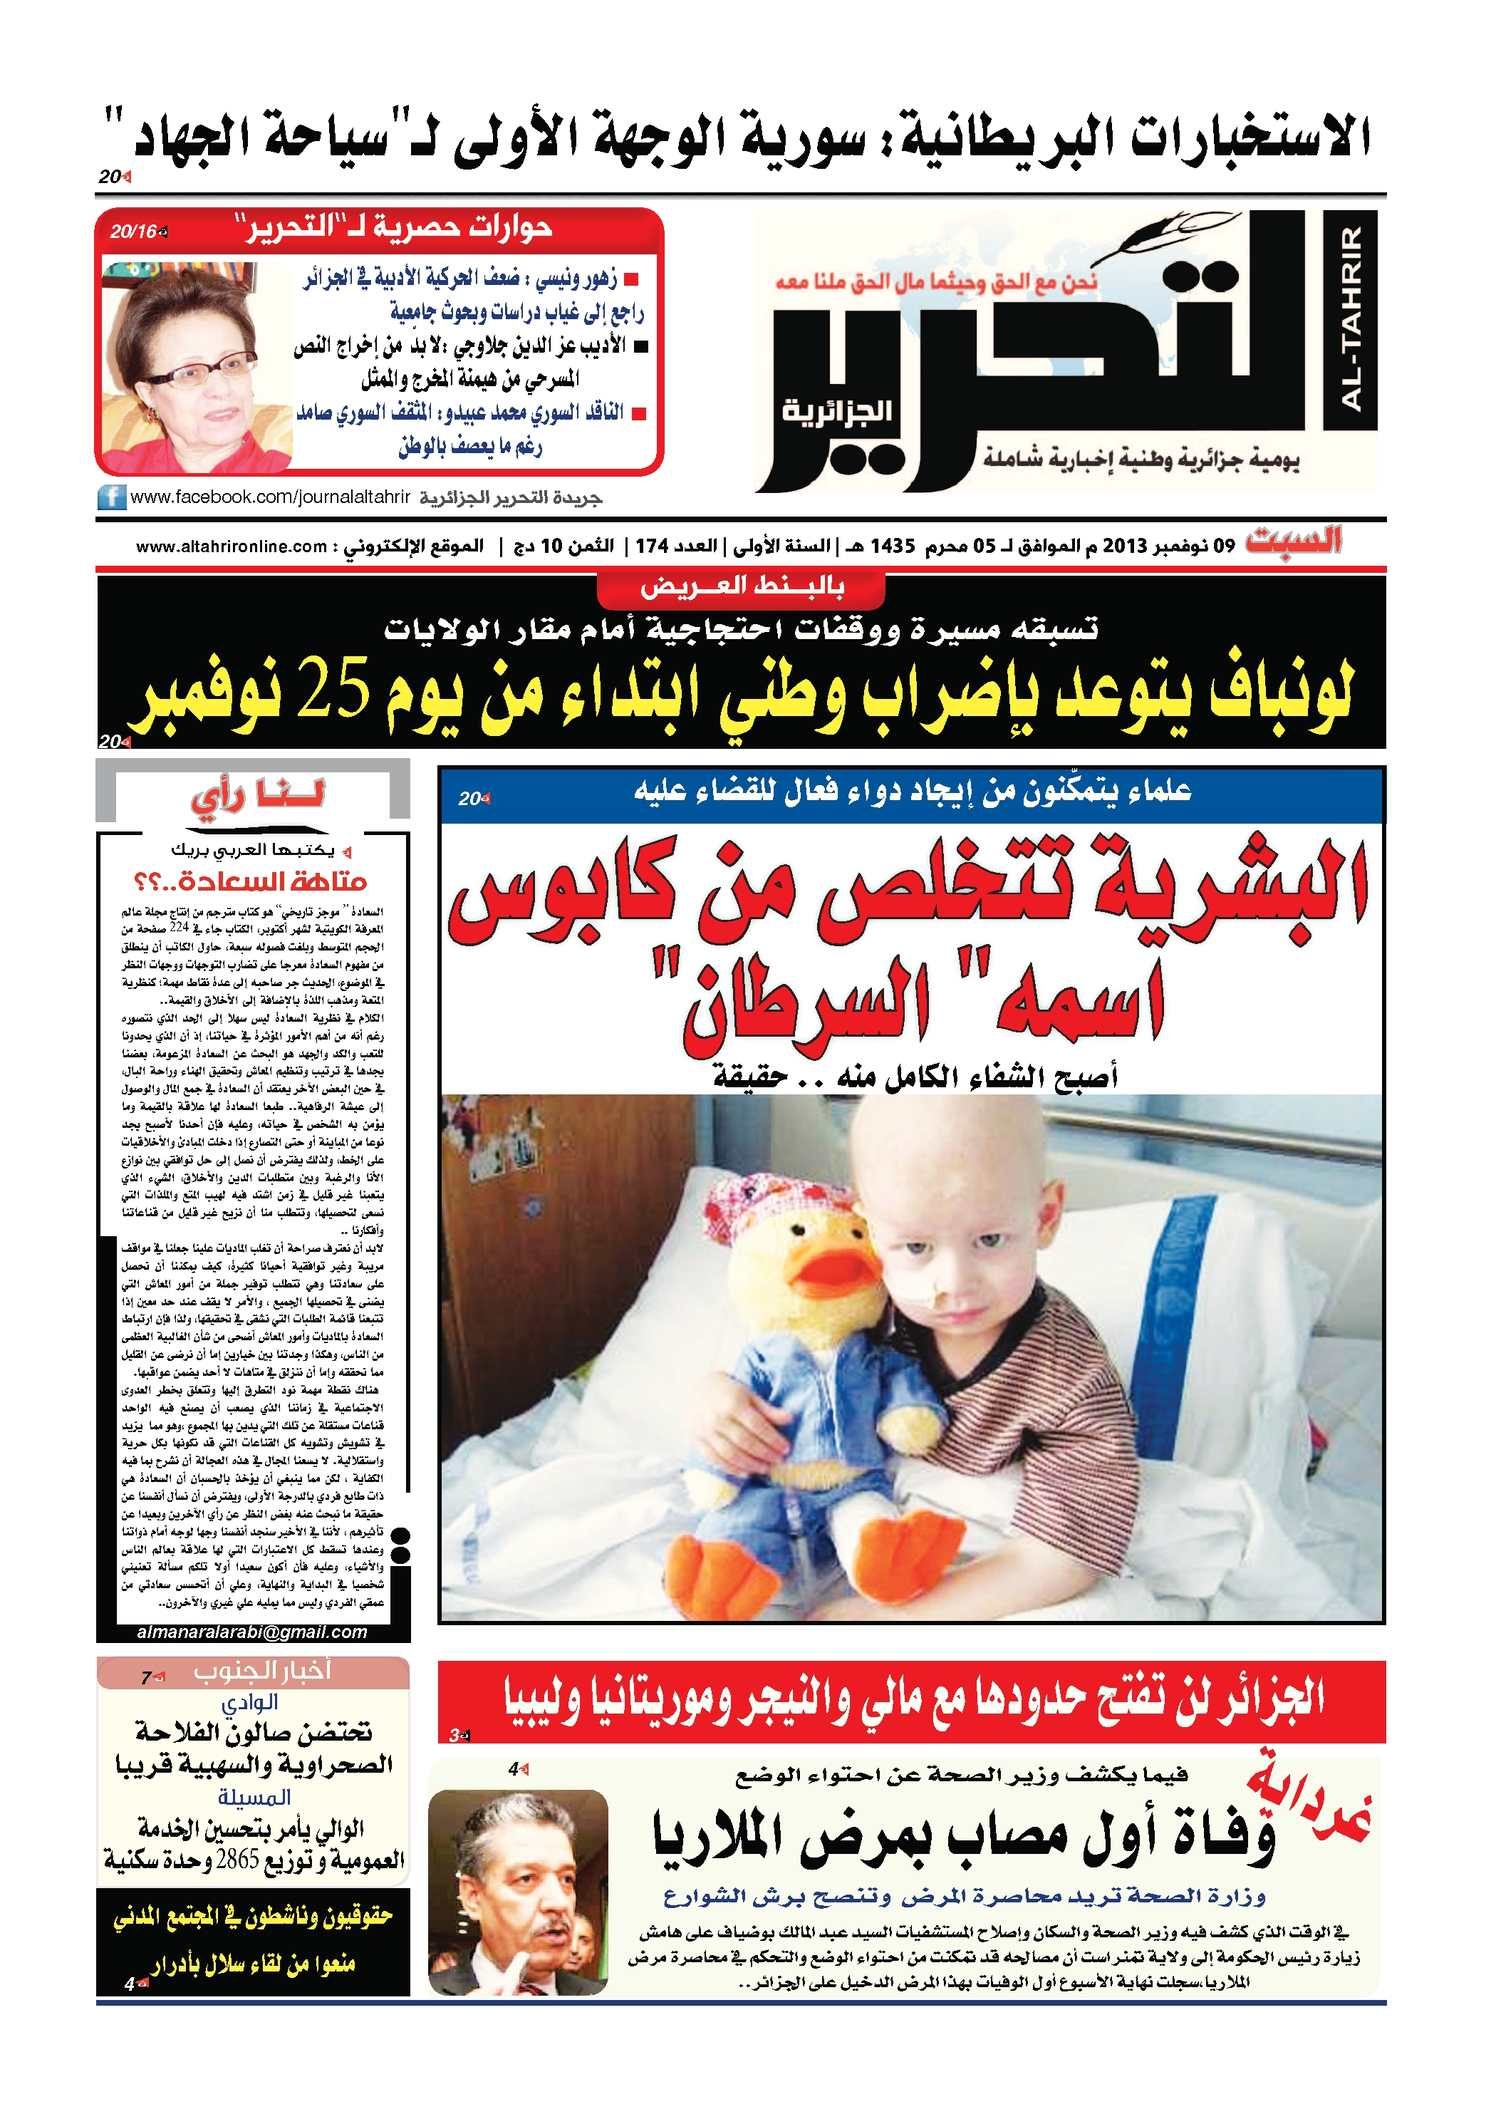 b6f5ec3e4323a Calaméo - جريدة التحرير الجزائرية العدد 174